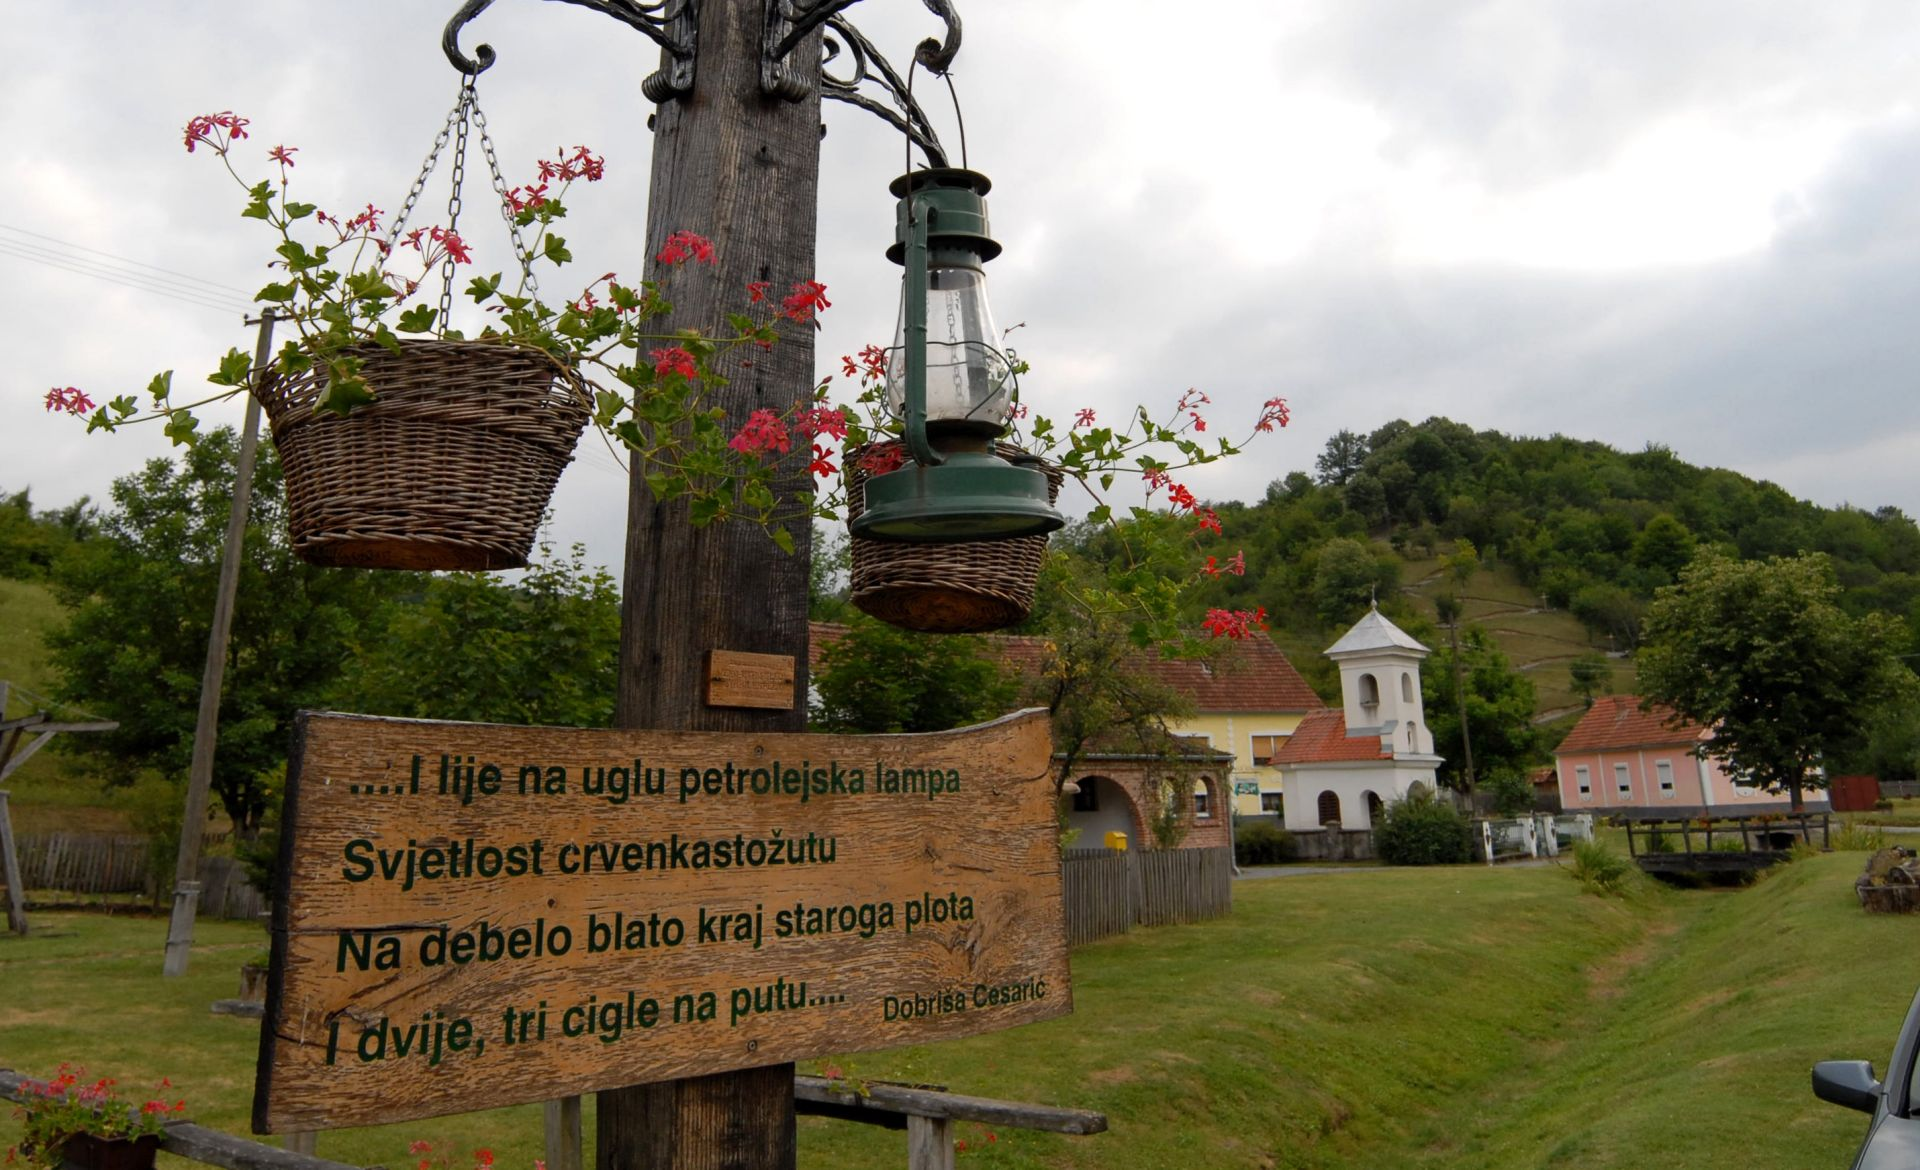 DAVIS CUP: Prilika da se španjolski novinari upoznaju s turističkom ponudom Slavonije